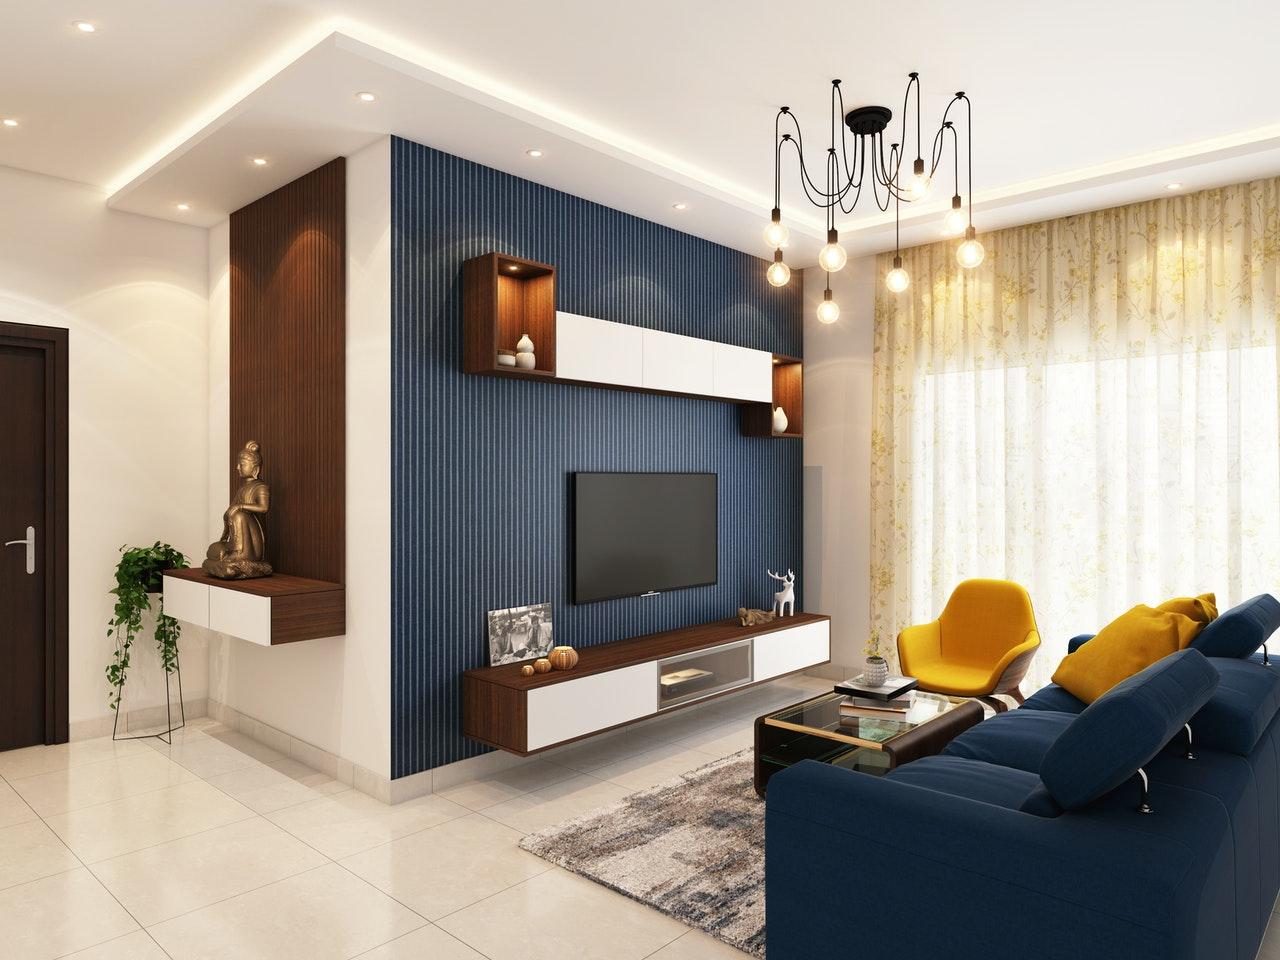 Sæt et præg på dit hjem med smukke farver